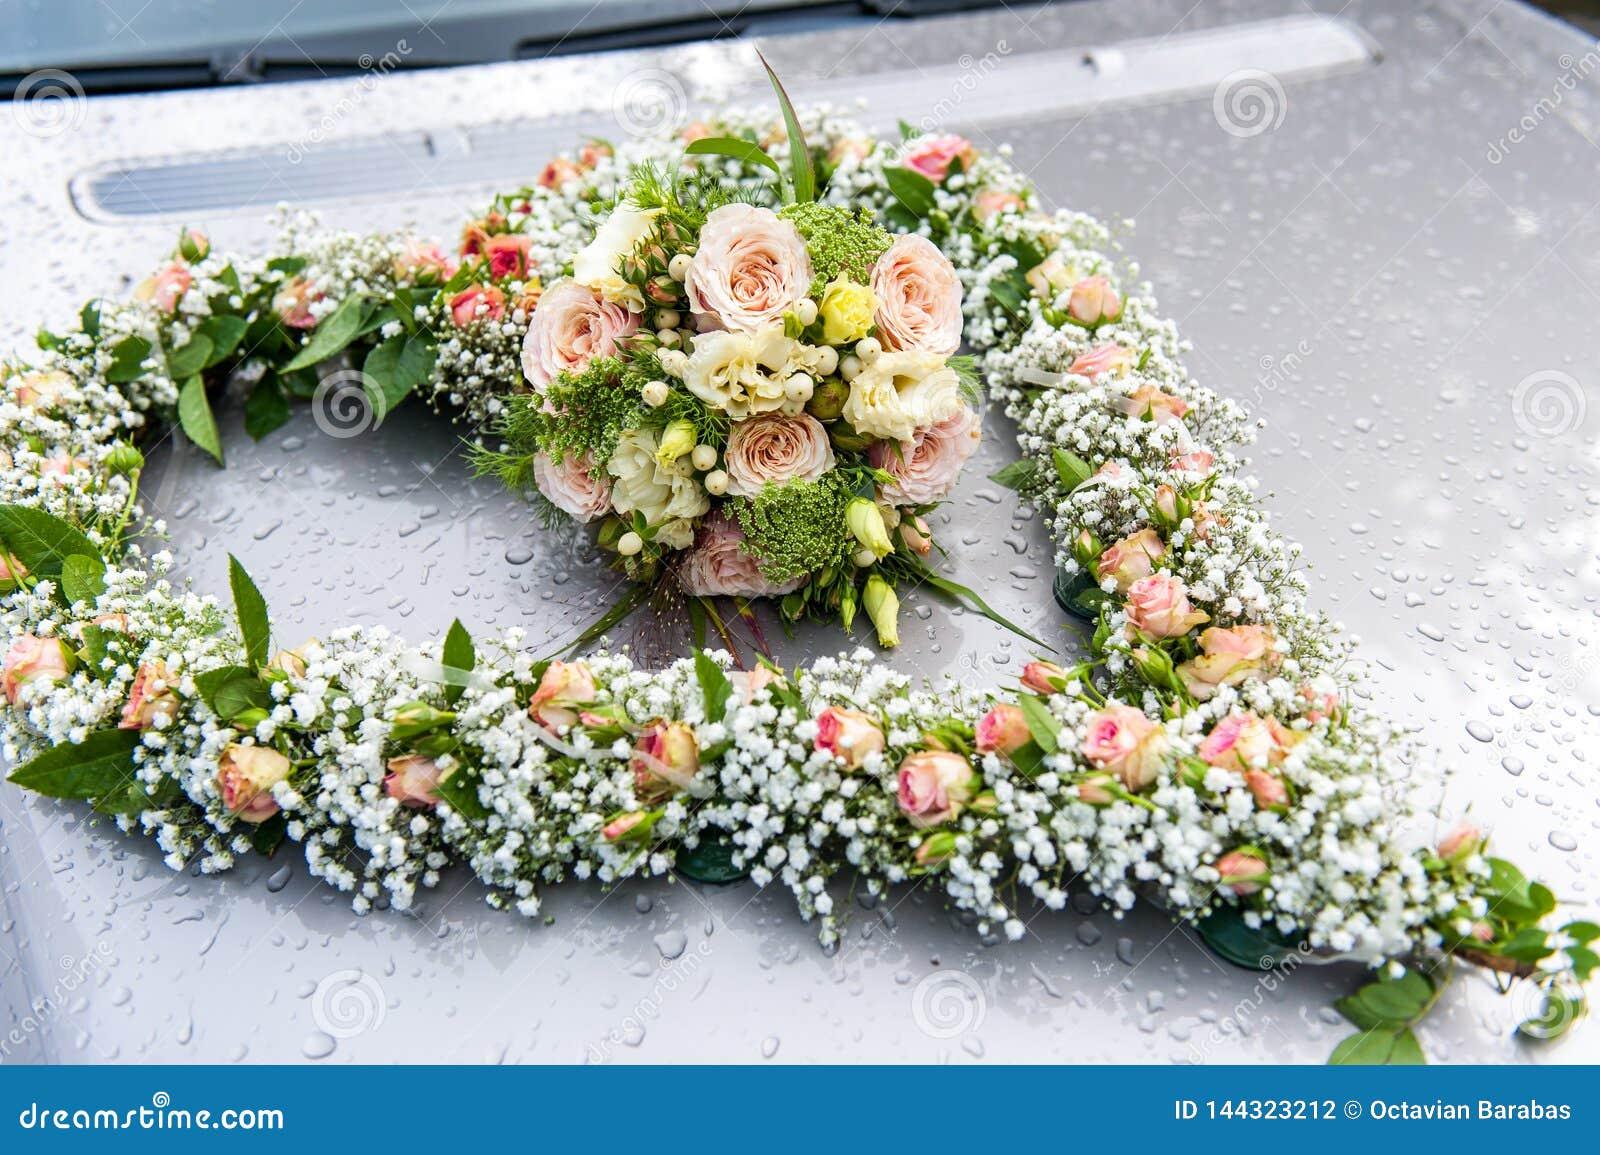 Ανθοδέσμη γαμήλιων λουλουδιών στη μορφή δαπέδων τζακιού στο καπό αυτοκινήτων